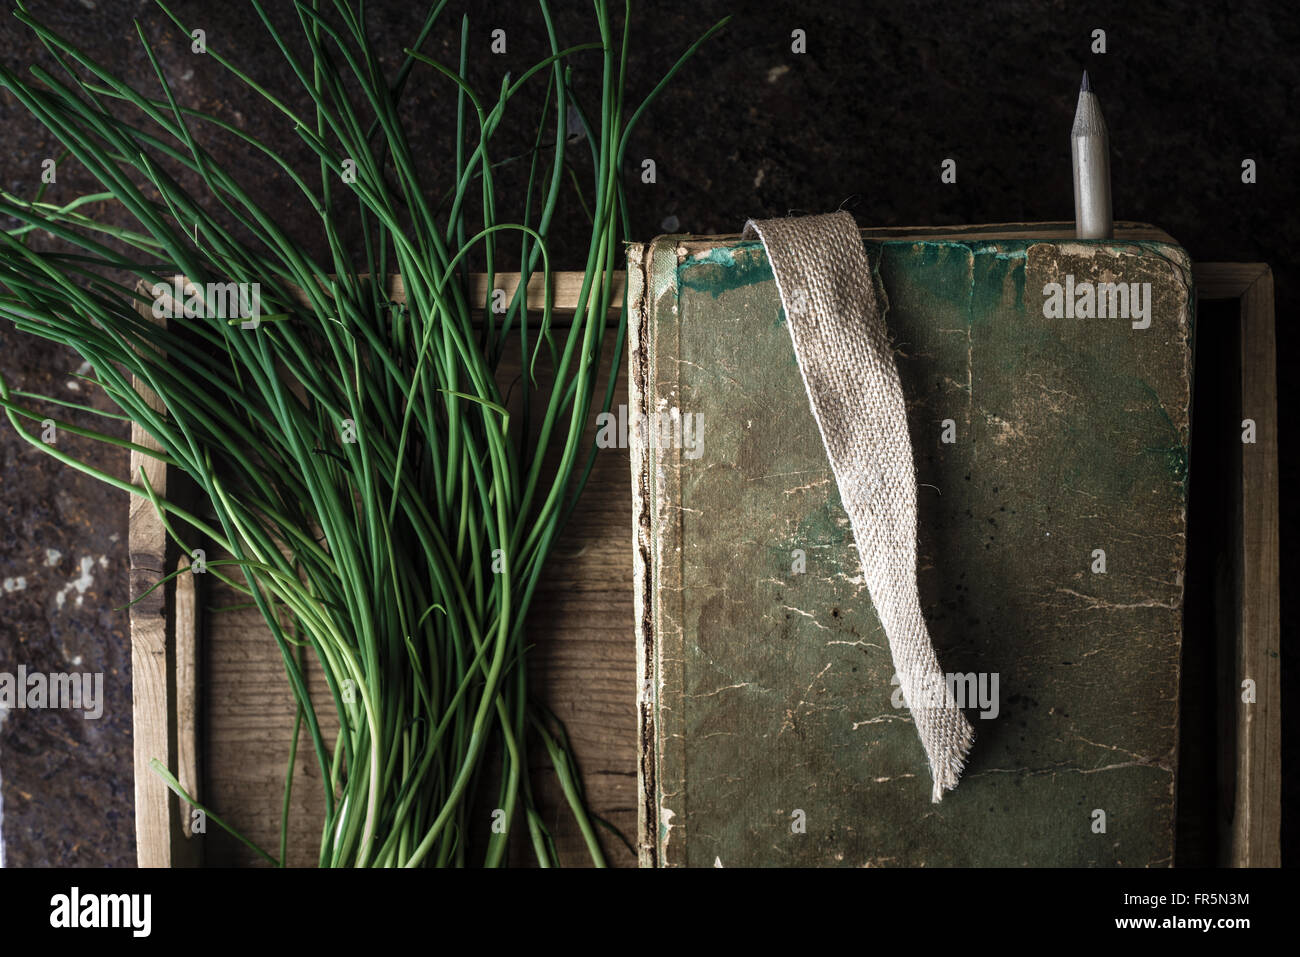 Tallos de cebolla verde y el libro en una caja de madera horizontales Imagen De Stock